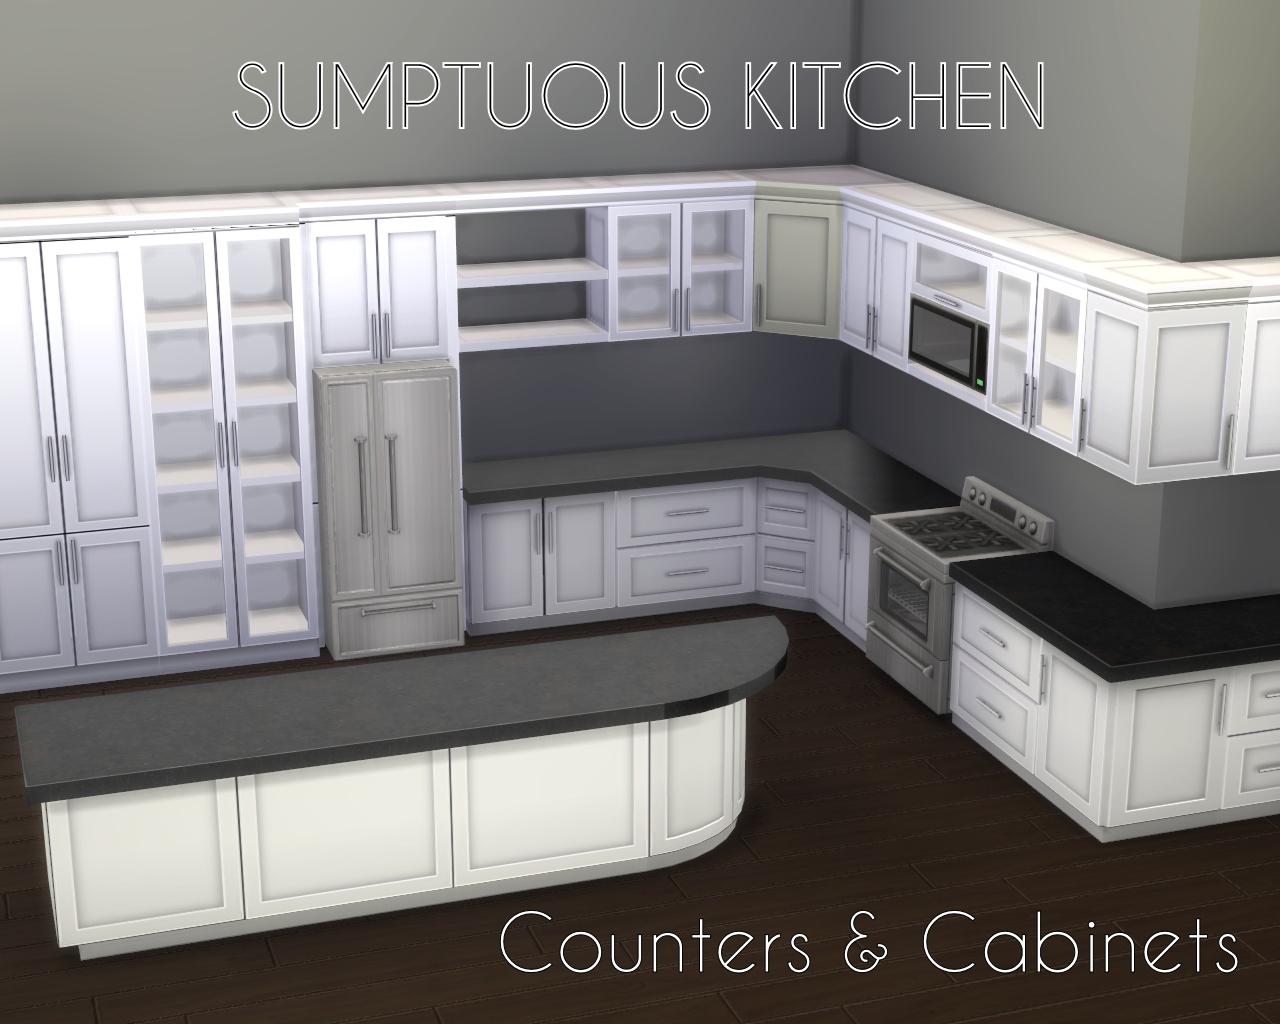 Mod The Sims - Sumptuous Kitchen Set